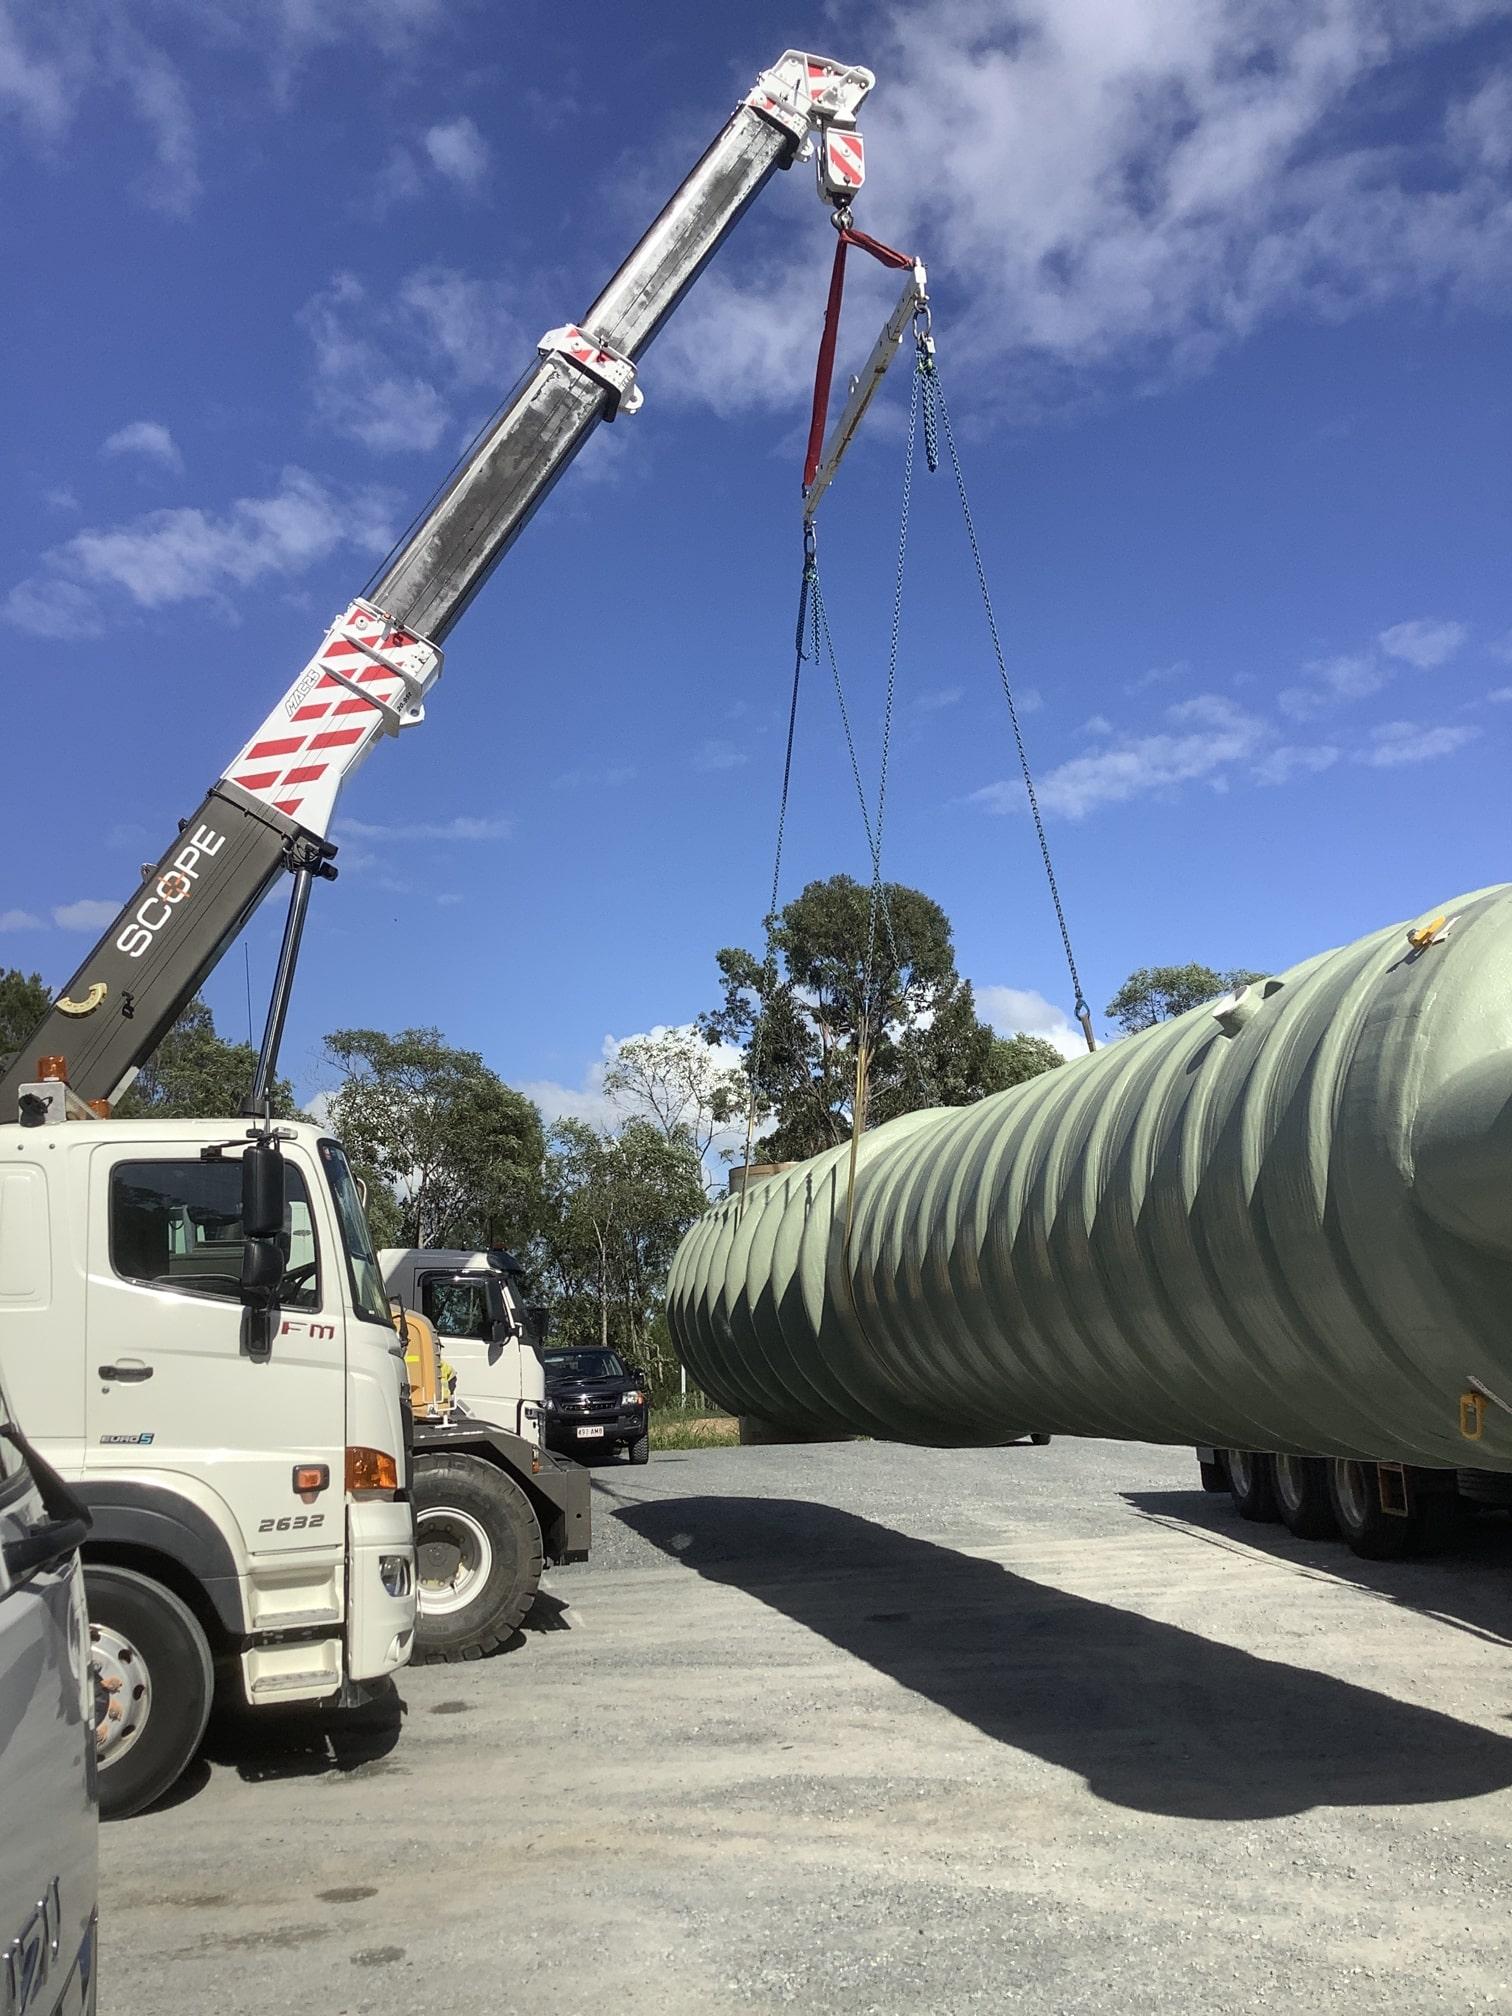 scopecranes crane truck hire lifting heavy load